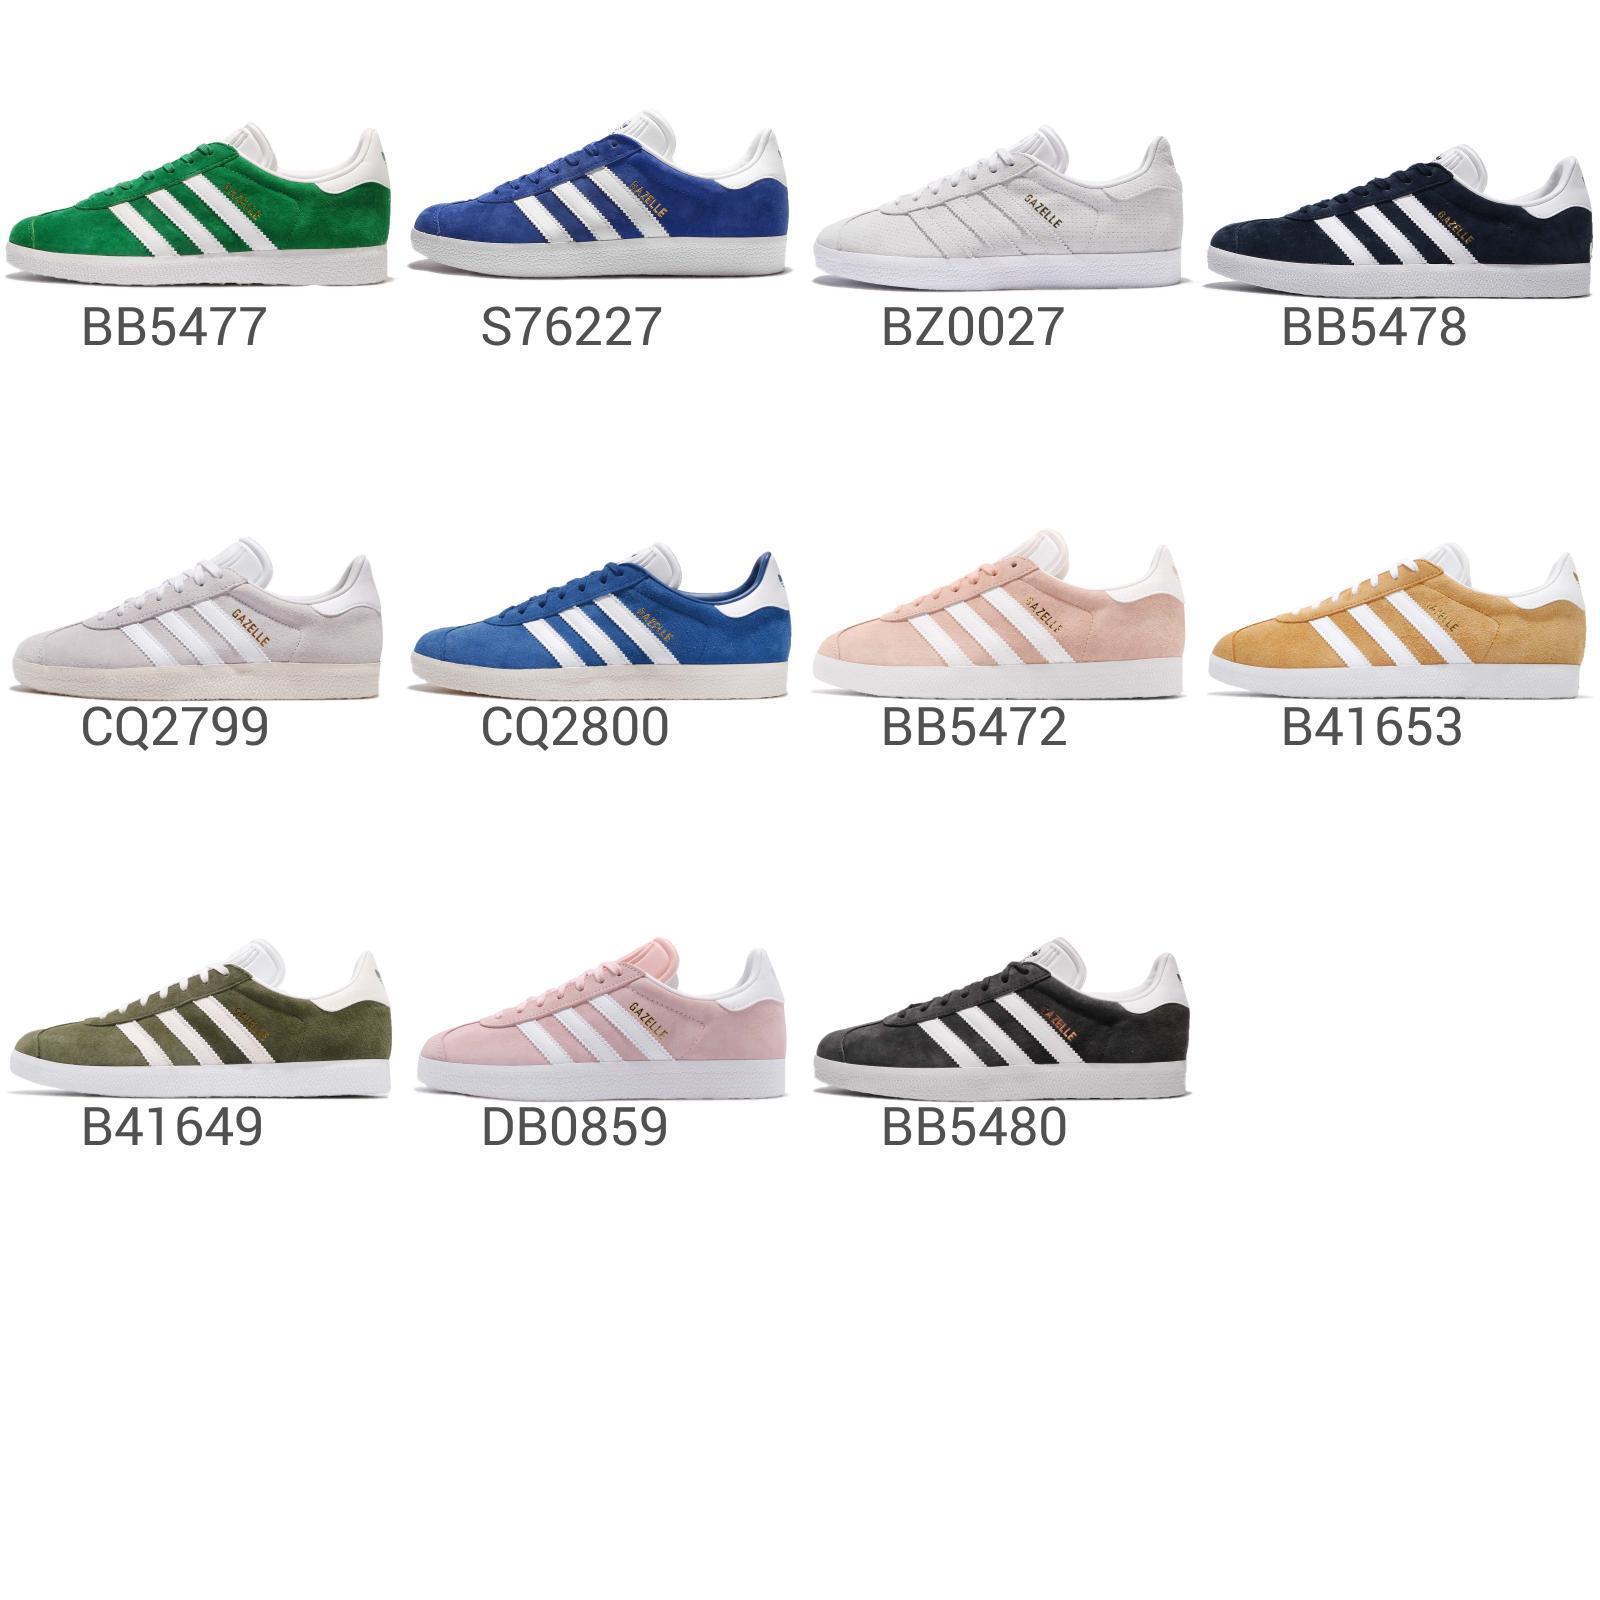 Adidas originali gazzella mens     donne scarpe casual classico scarpe   1 | A Prezzo Ridotto  292d2f